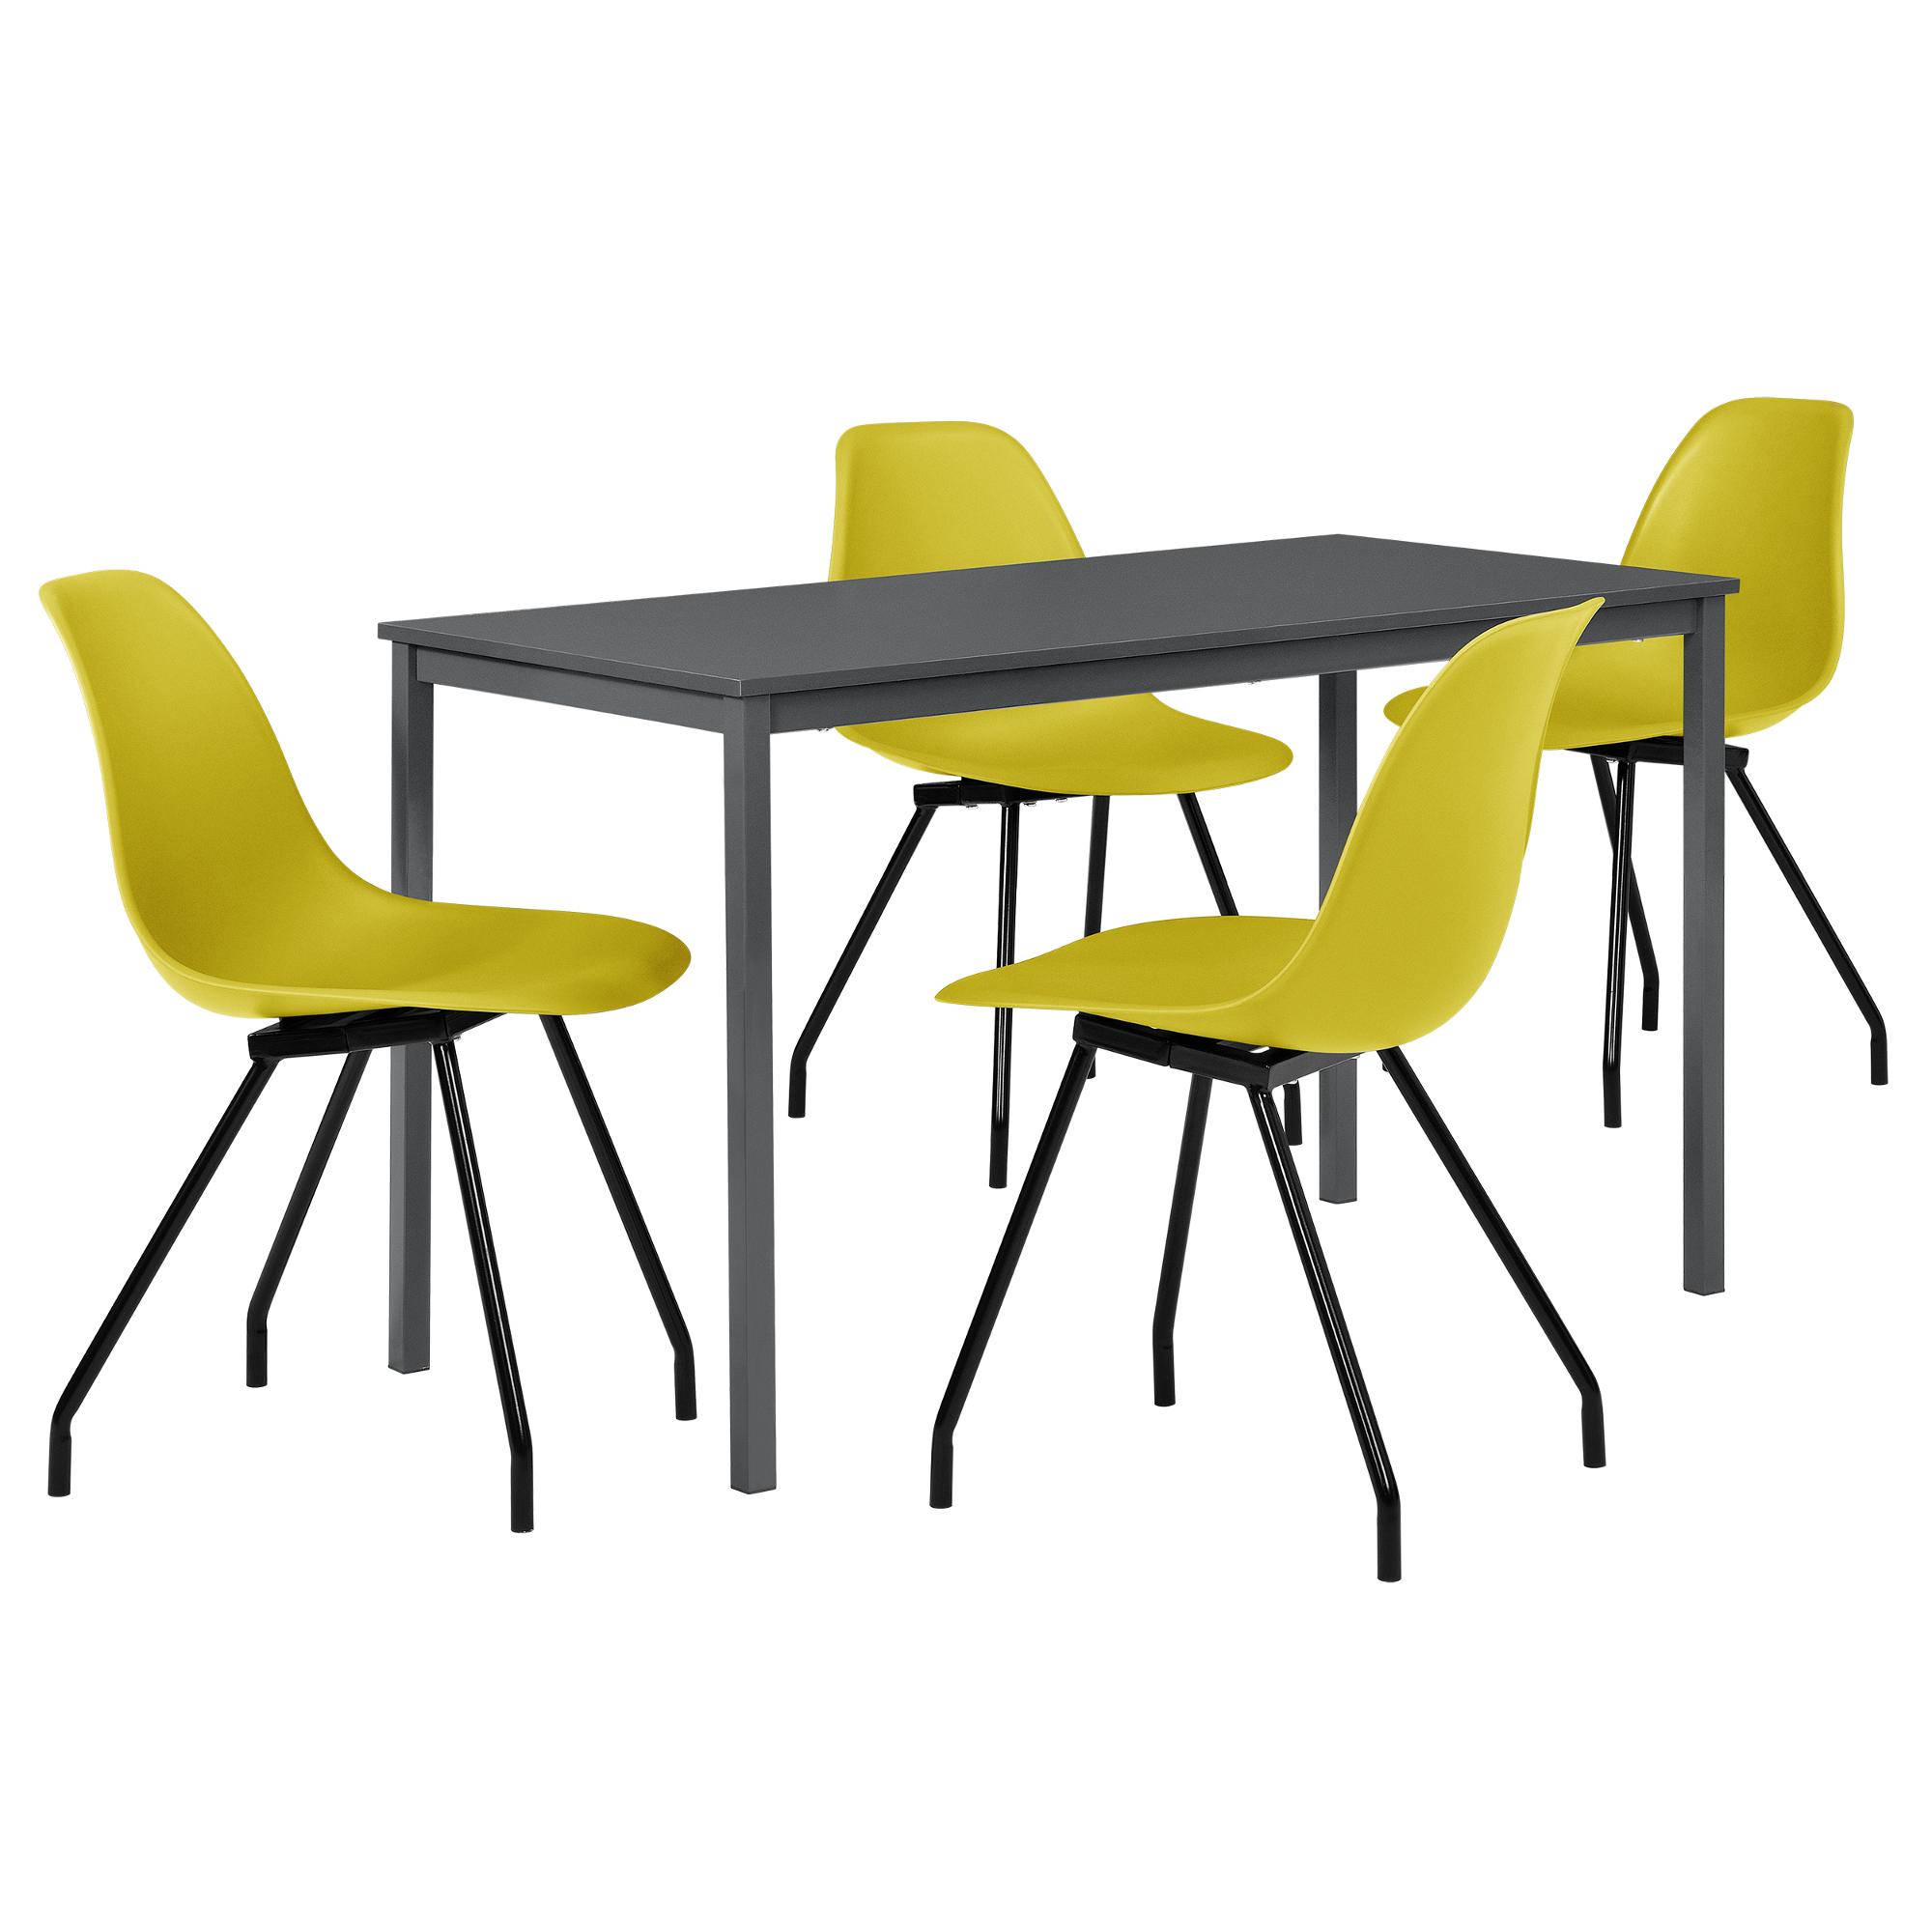 Esstisch mit 4 st hlen grau senffarben 120x60cm for Zimmer tisch